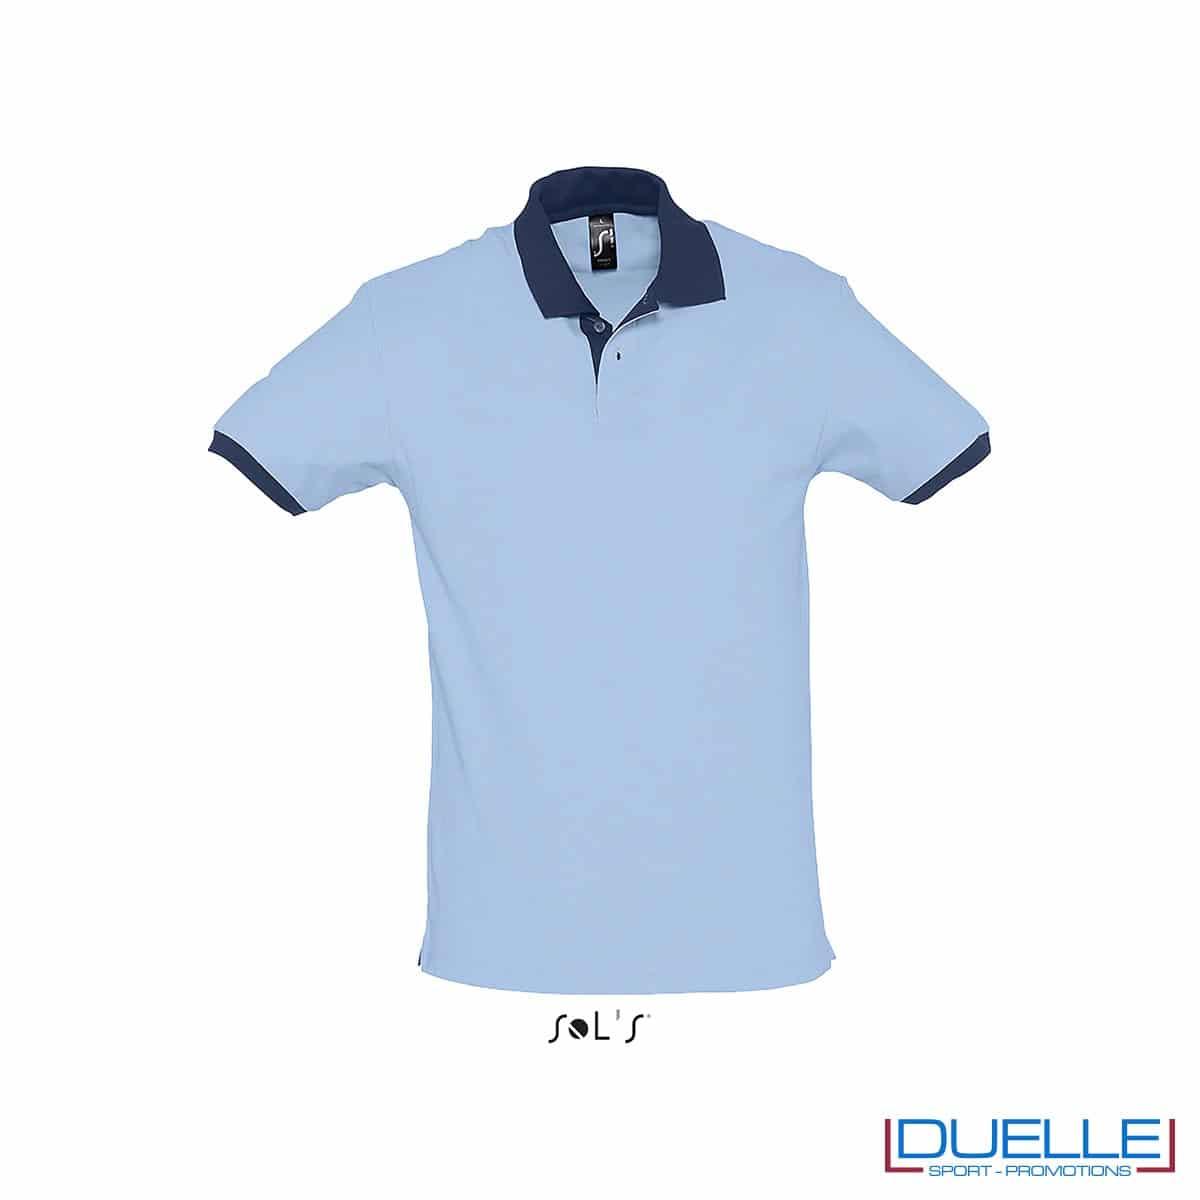 polo personalizzata color azzurro con finiture a contrasto, abbigliamento promozionale personalizzato